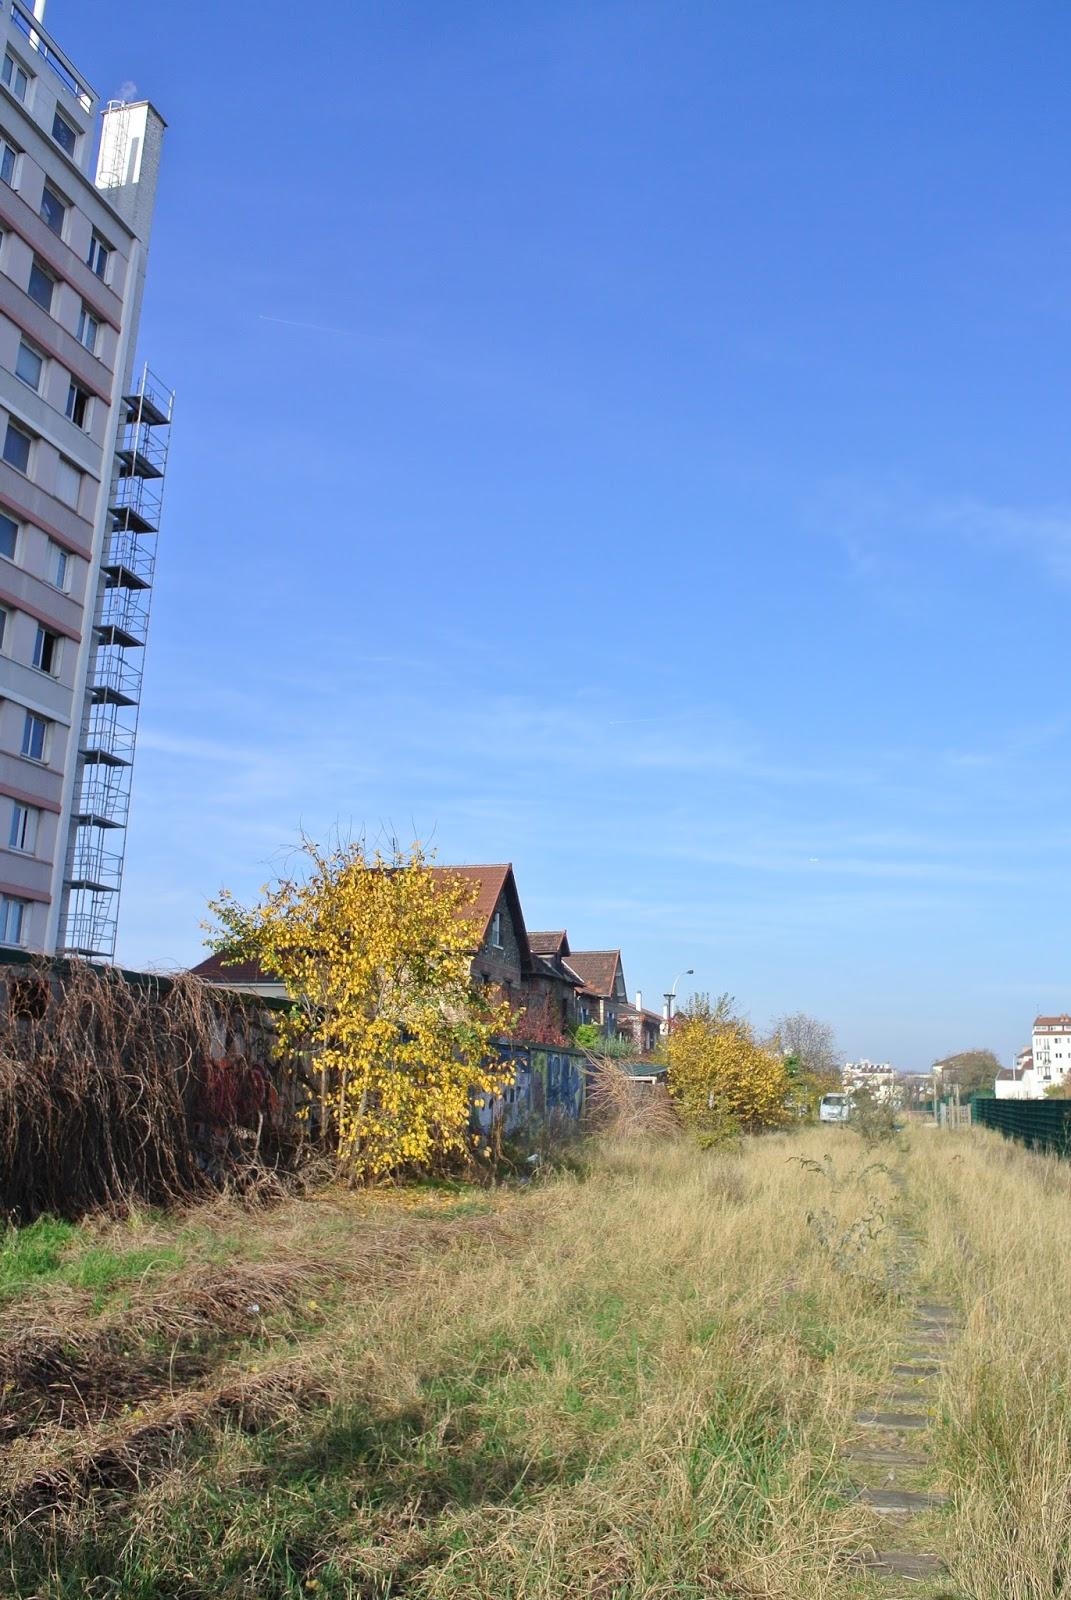 Les voies de chemin de fer desaffect es de bois colombes urbex par gabrielle aznar - Maison au bord de la voie ferree ...